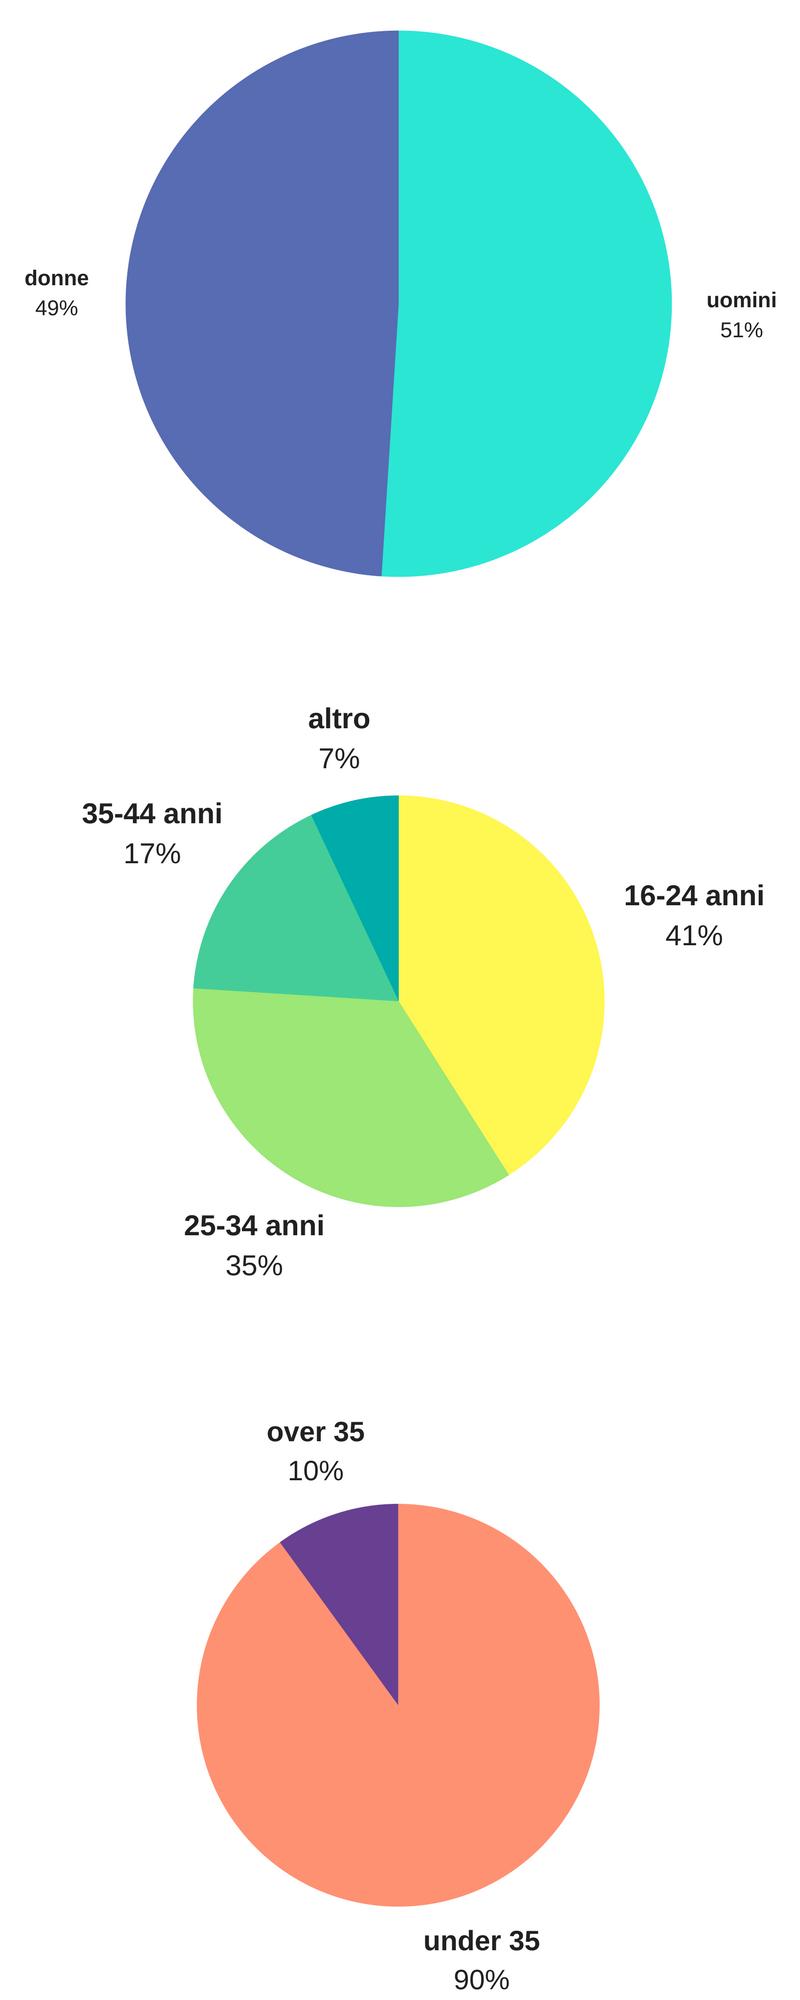 Instagram - è online dal 6 ottobre 2010 e conta 300 milioni di utenti attivi al mese, di cui il 90% è sotto i 35 anni. In media, un utente Instagram pubblica 2,41 post al giorno, per una portata globale di 70 milioni di foto e video ogni giorno